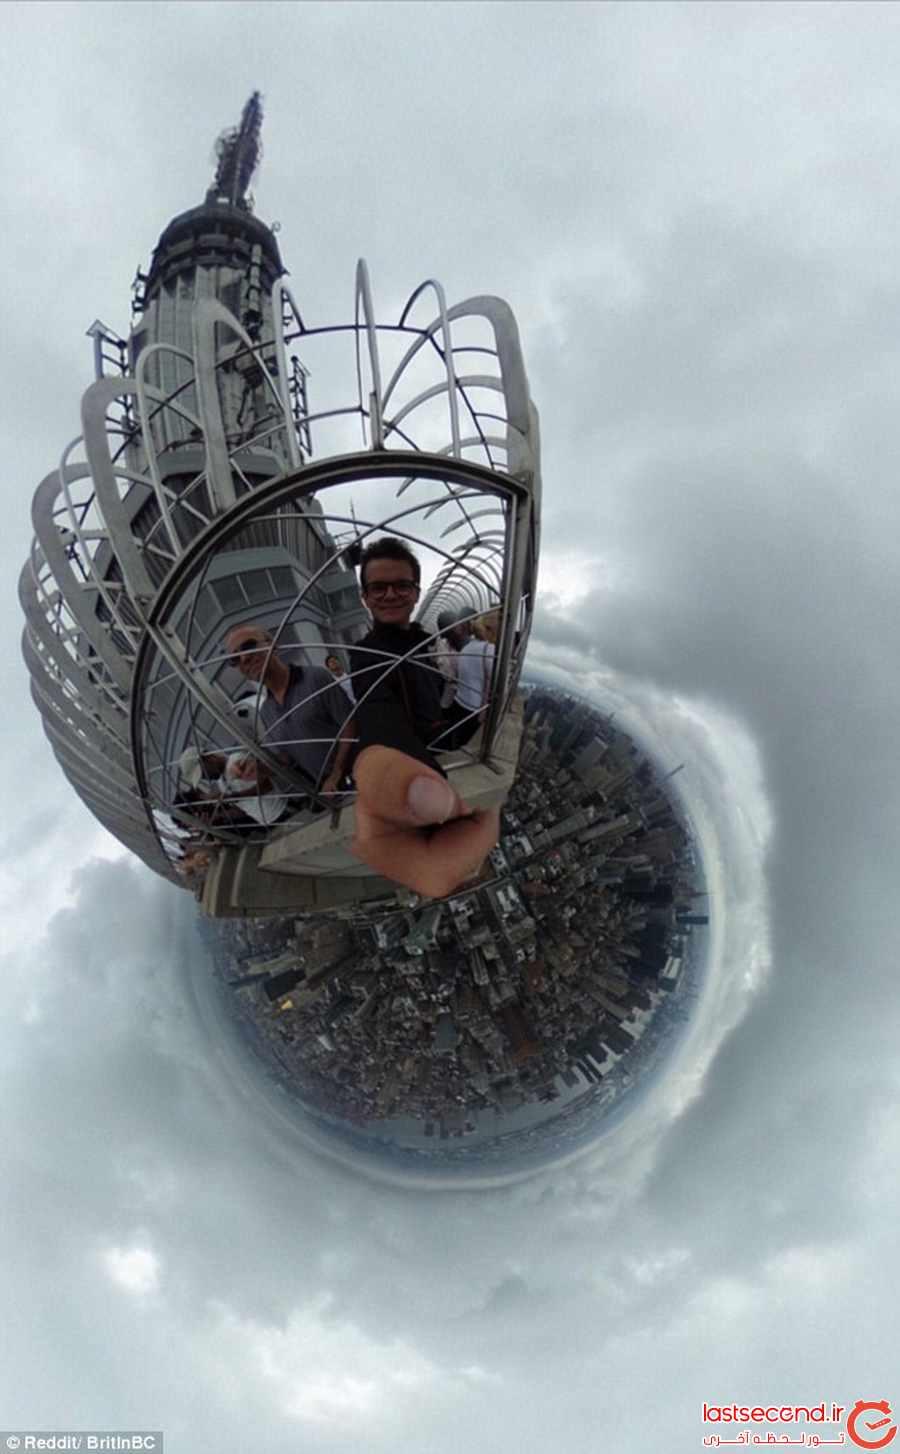 یک سلفی جذاب و باورنکردنی از فراز ساختمان امپایر استیت نیویورک          